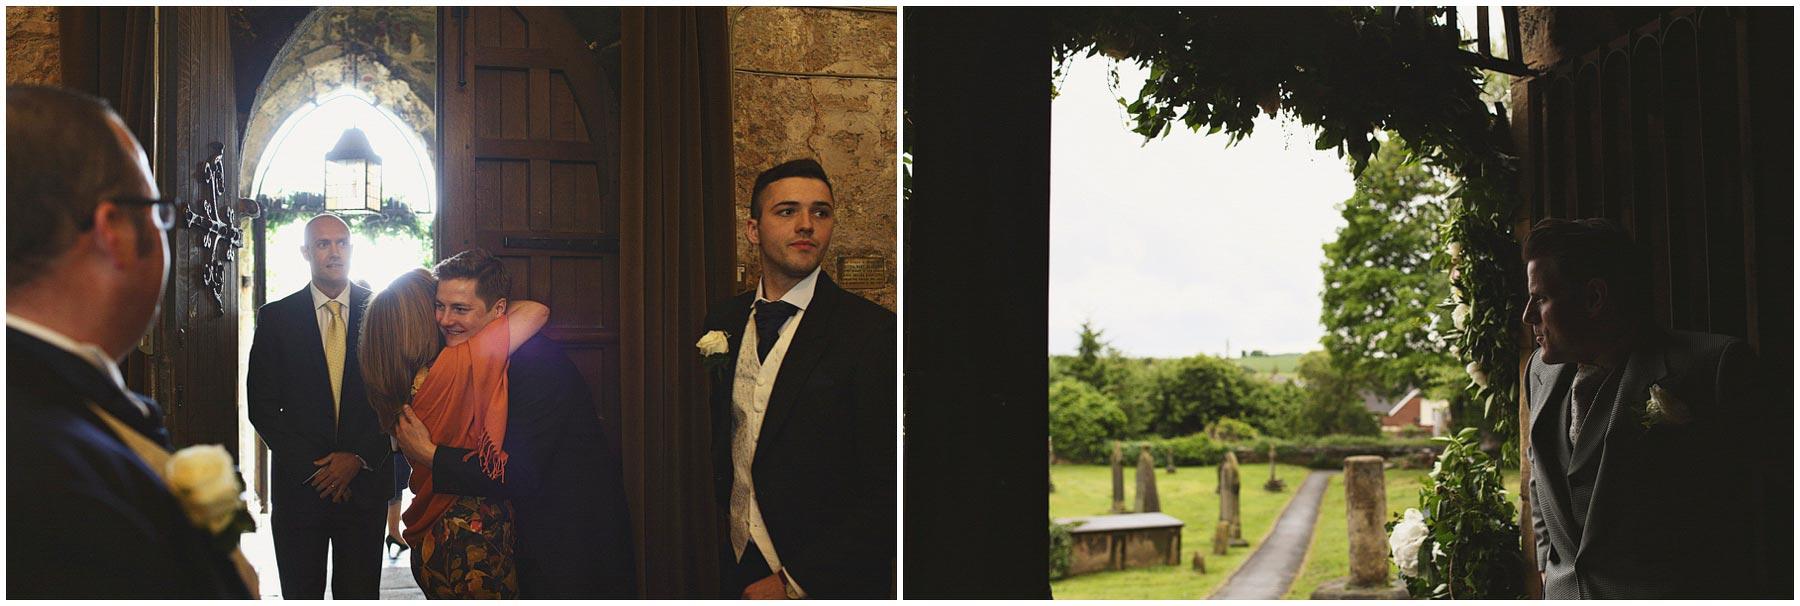 Wentbridge-House-Wedding-Photography-60